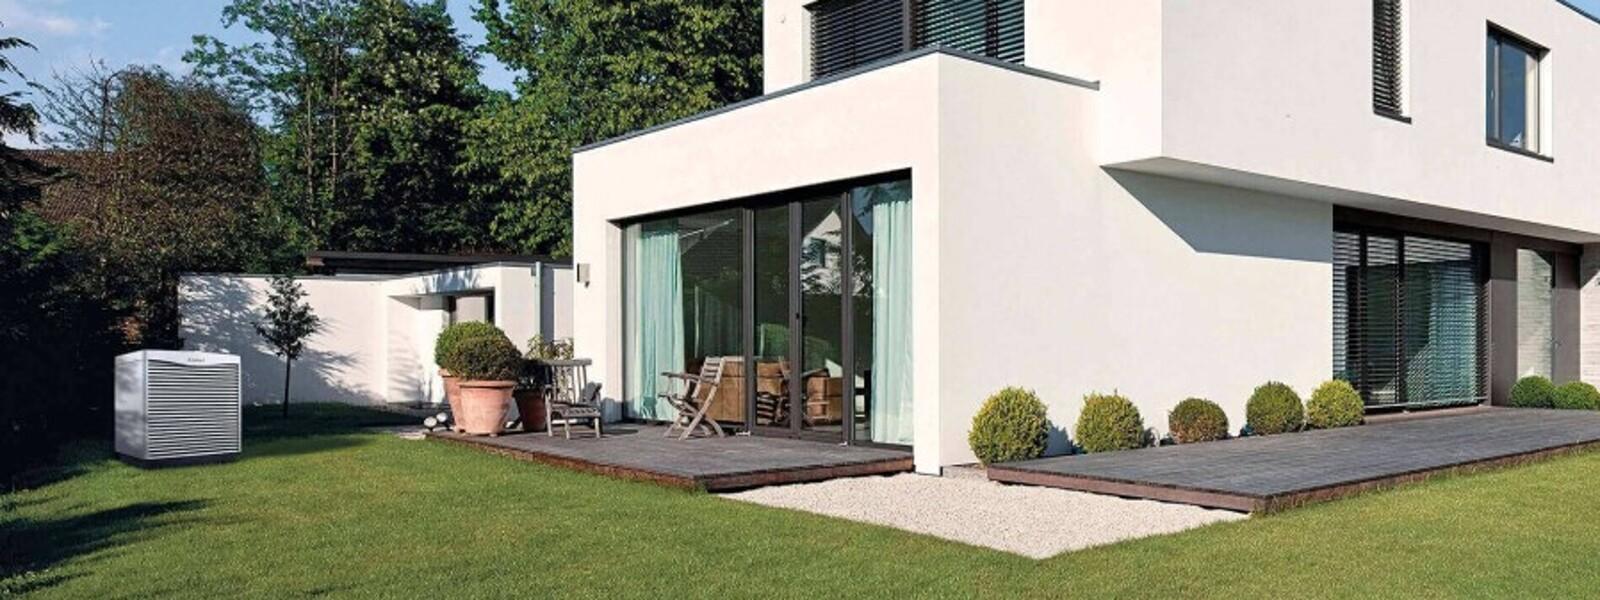 Außeneinheit einer Wärmepumpe von Vaillant vor einem neu gebauten Haus, umgeben von einer grünen Wiese.